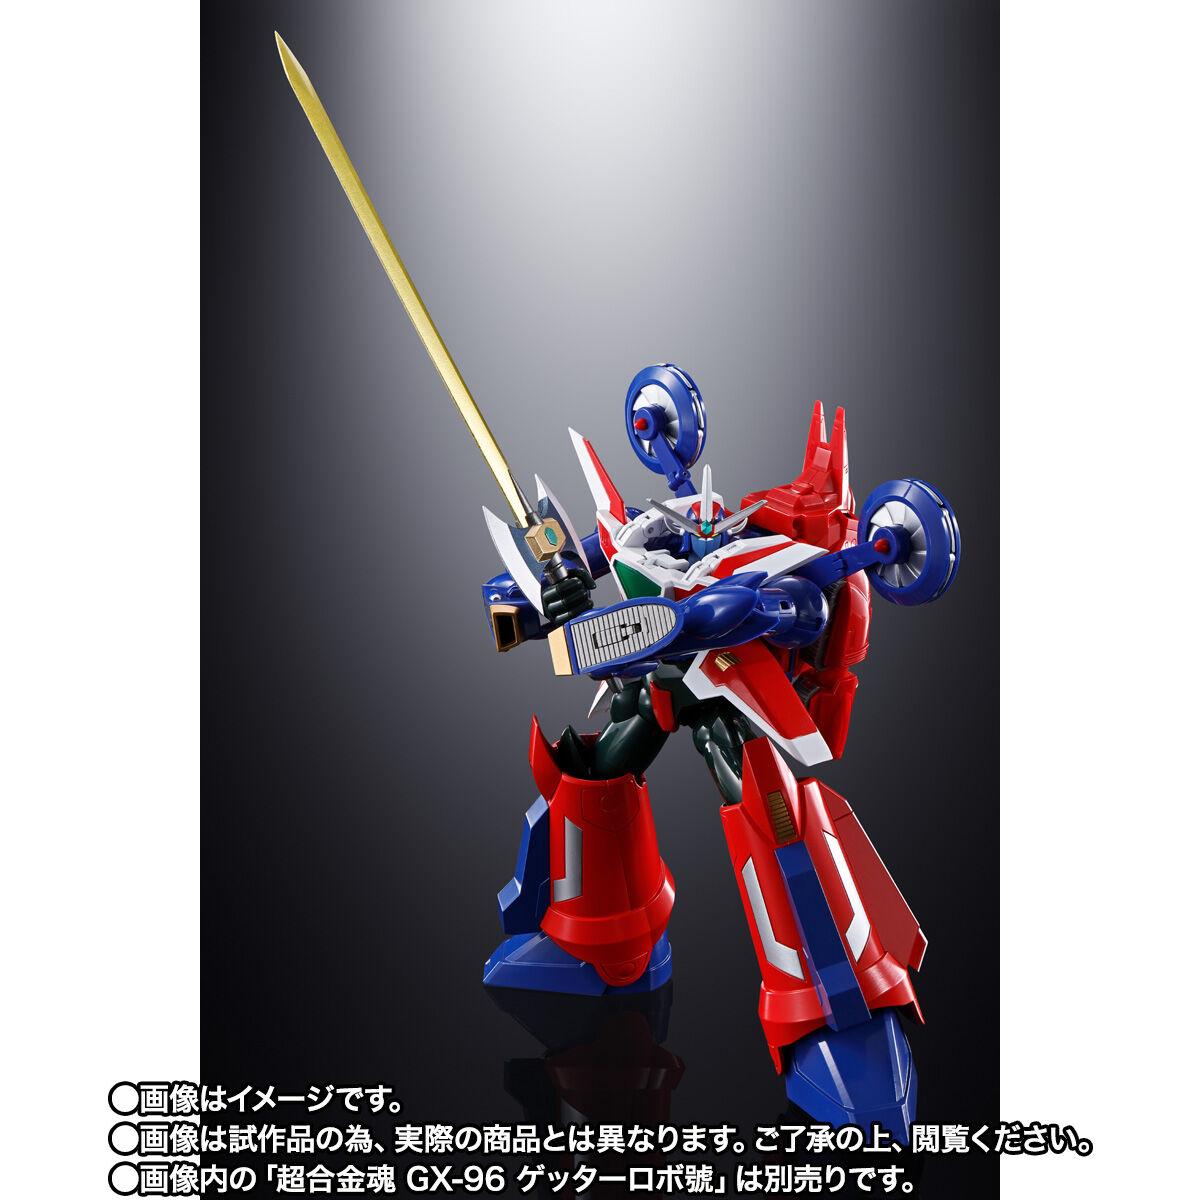 【限定販売】超合金魂『GX-96X Gアームライザー』ゲッターロボ號 可動フィギュア-010